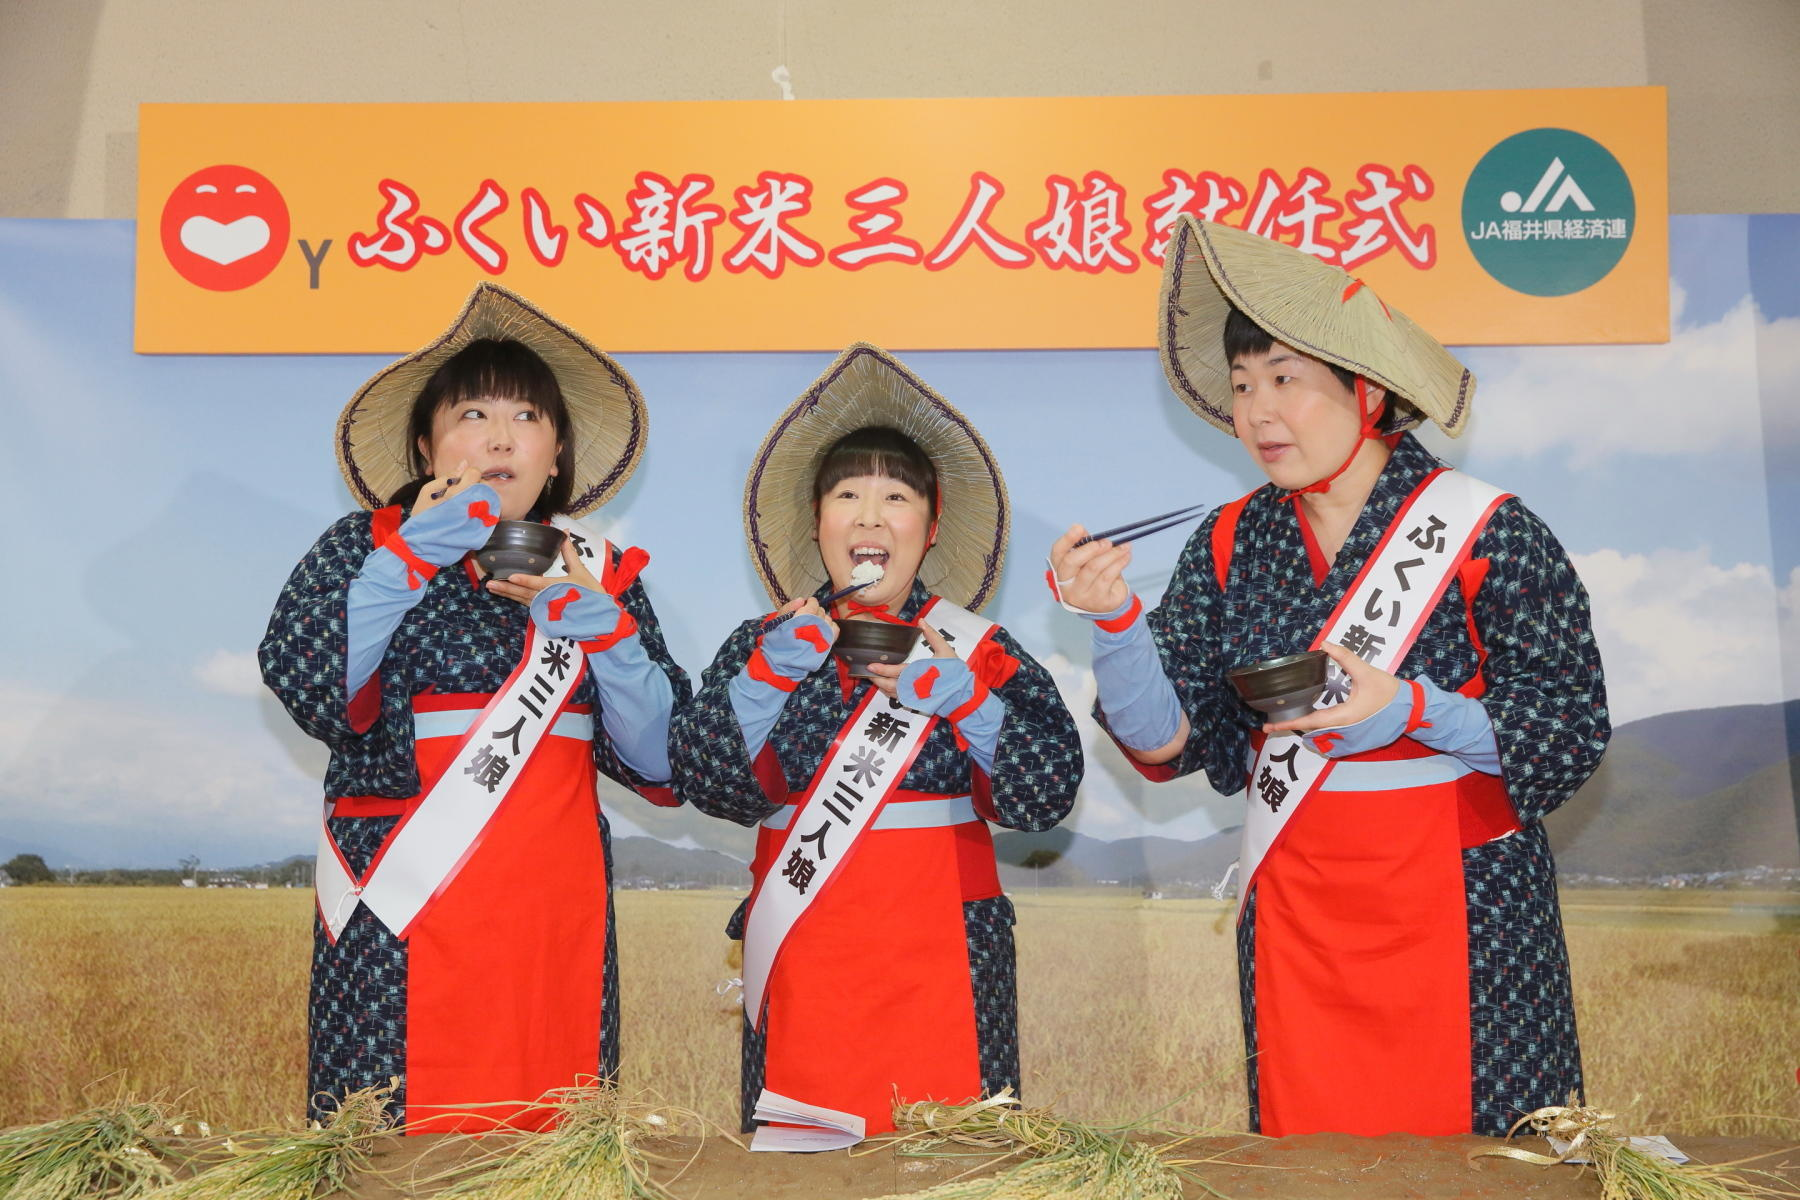 http://news.yoshimoto.co.jp/20160831144052-d2210c317e92ccd40181a1e6b86a1253417d4a51.jpg